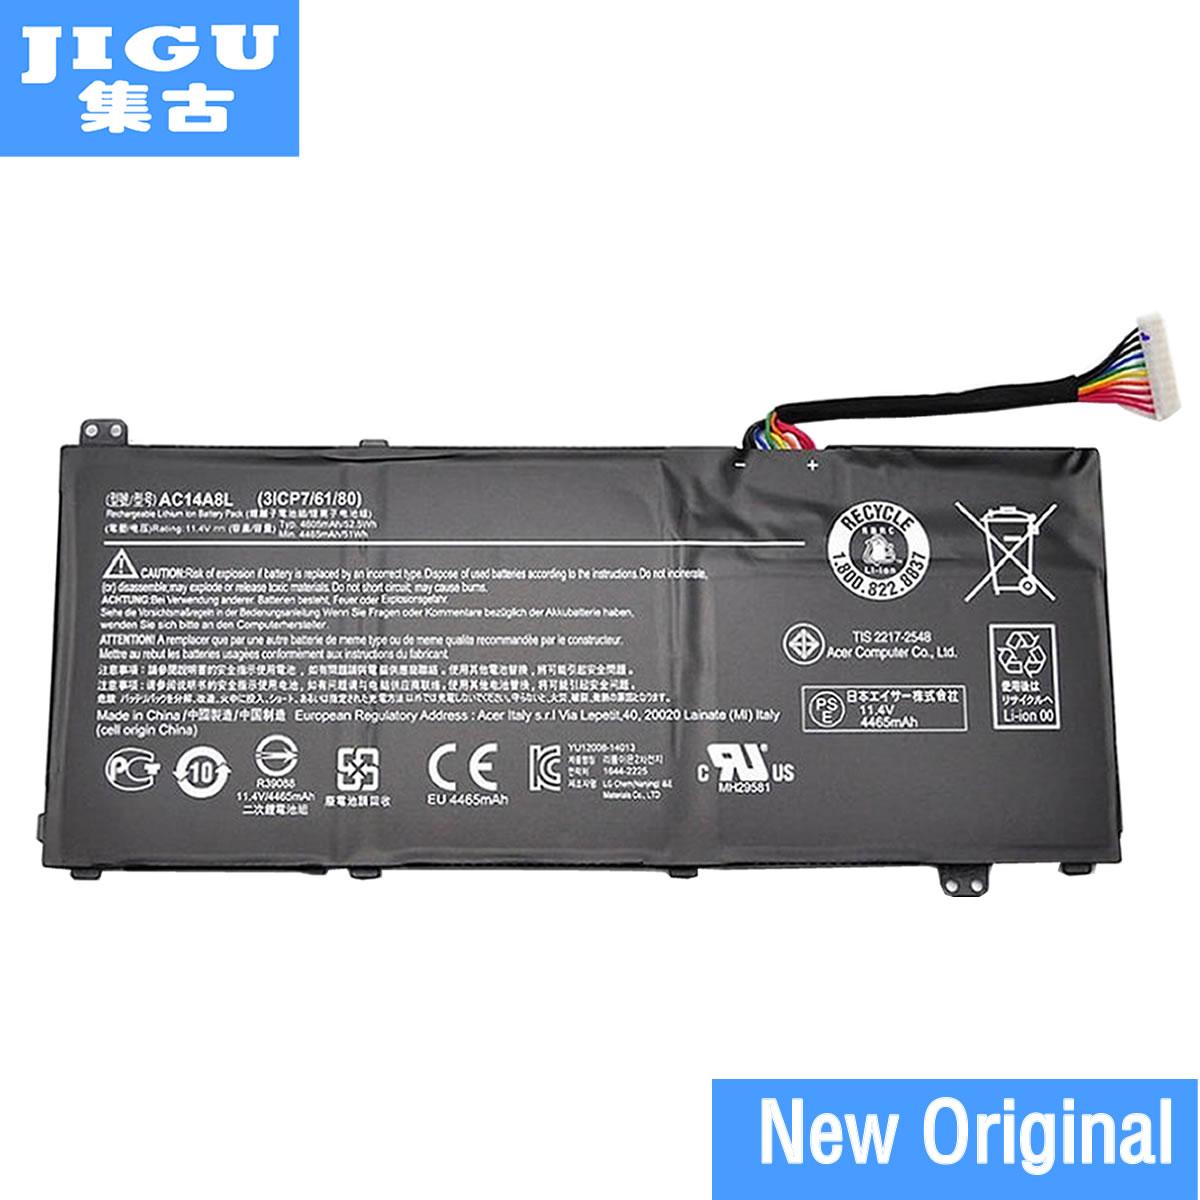 JIGU batería Original 31CP7/61/80 AC14A8L 934T2119H KT.00307.003 para Acer para Aspire V 15 Nitro VN7 VX 15 11,4 V 52.5WH